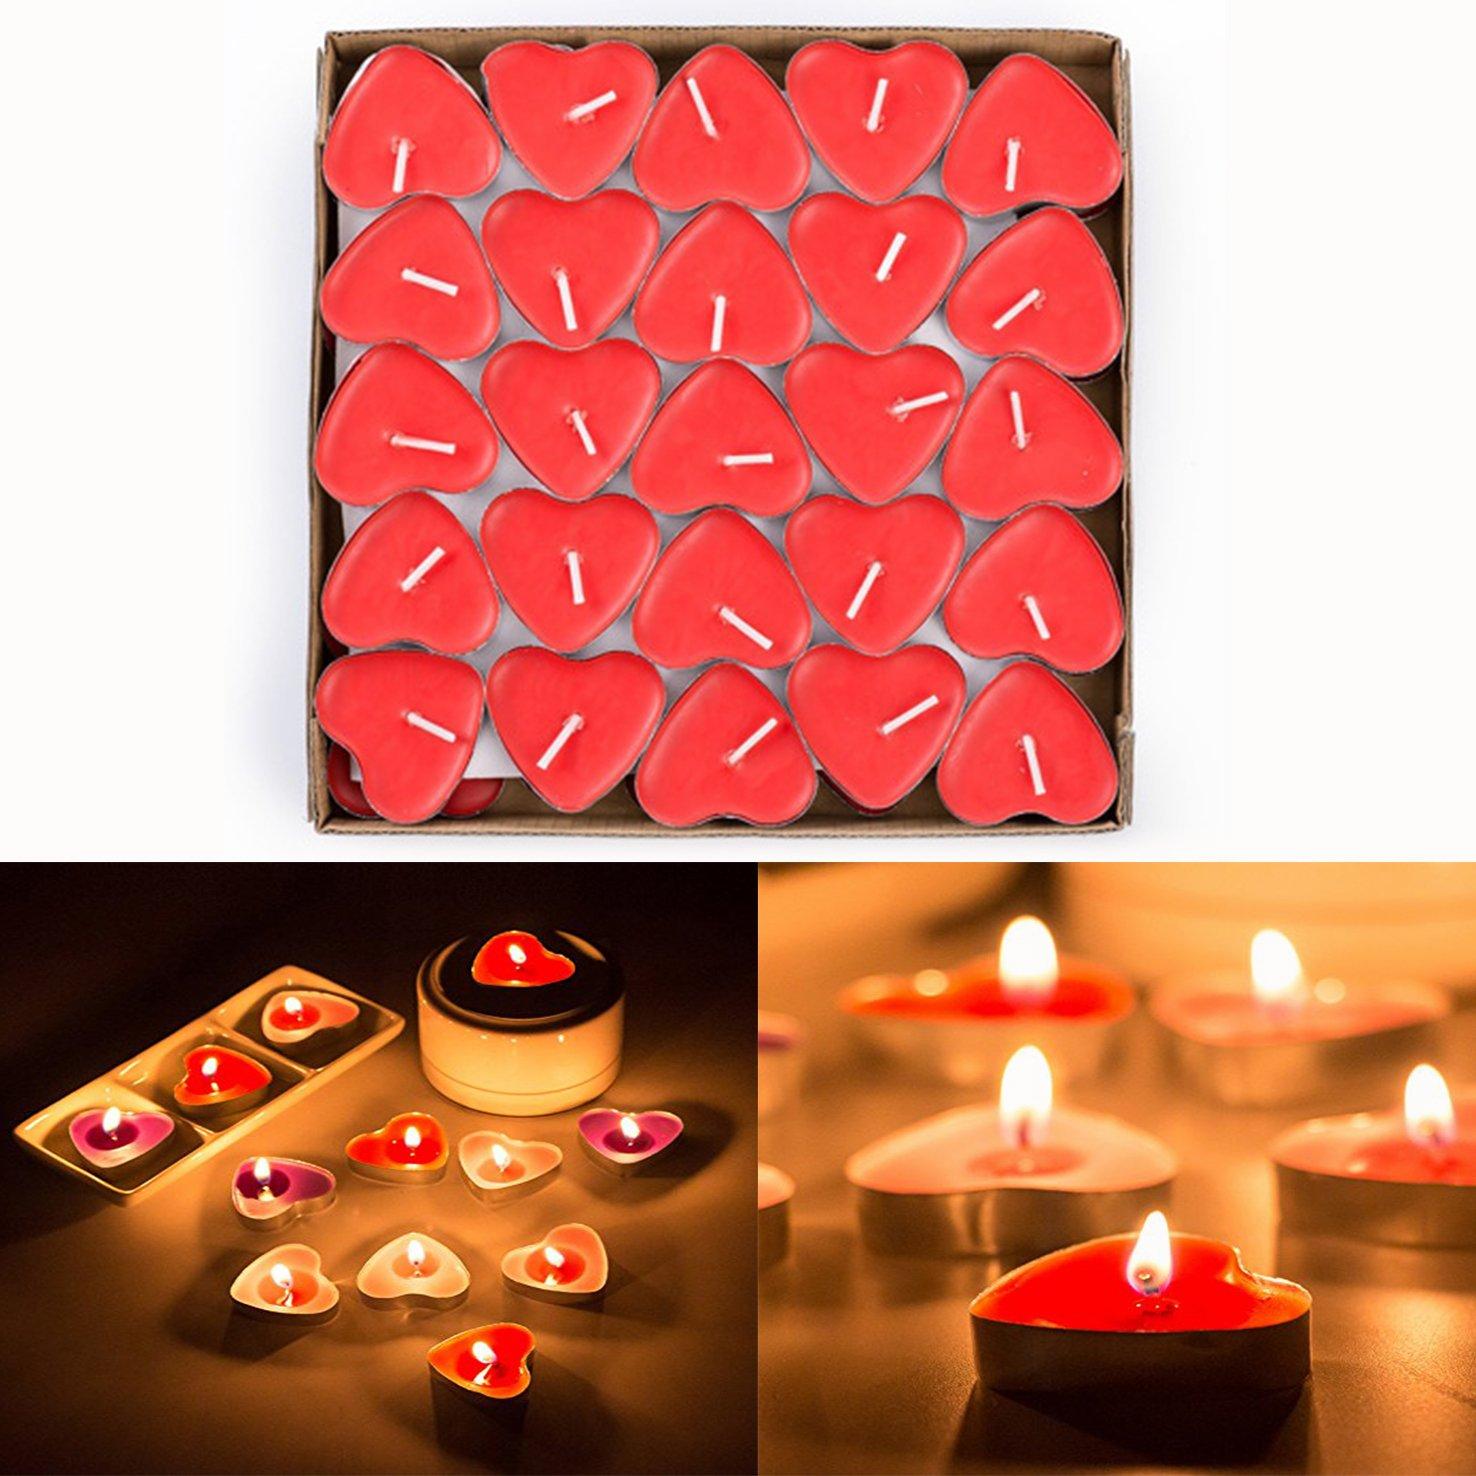 50 Pezzi Rosso Candela Romantiche Candele del Cuore Senza Fumo Per Matrimonio o Anniversario - Gearmax